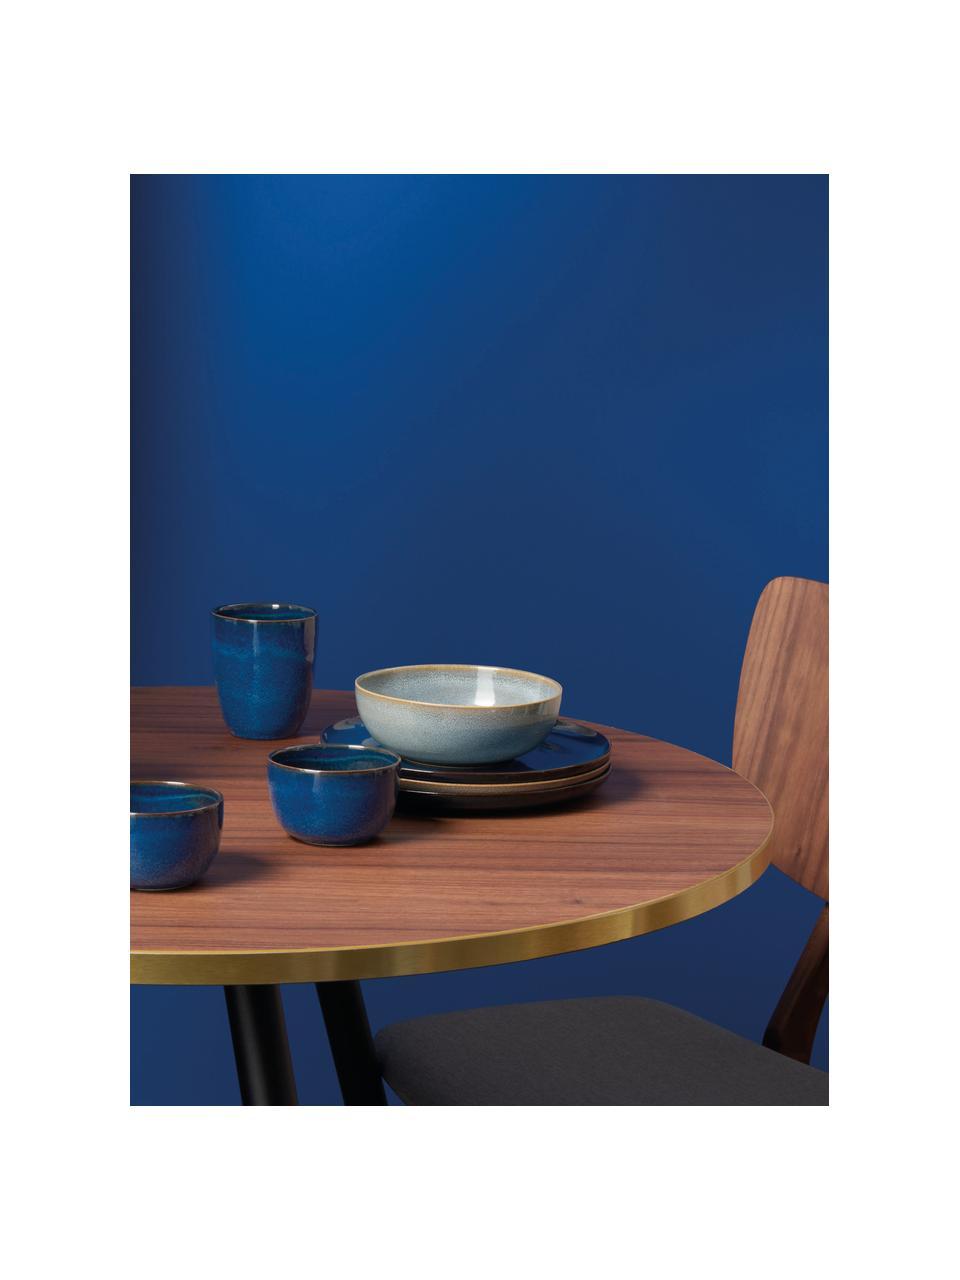 Schälchen Saisons aus Steingut in Blau, 6 Stück, Steingut, Blau, Ø 15 x H 5 cm